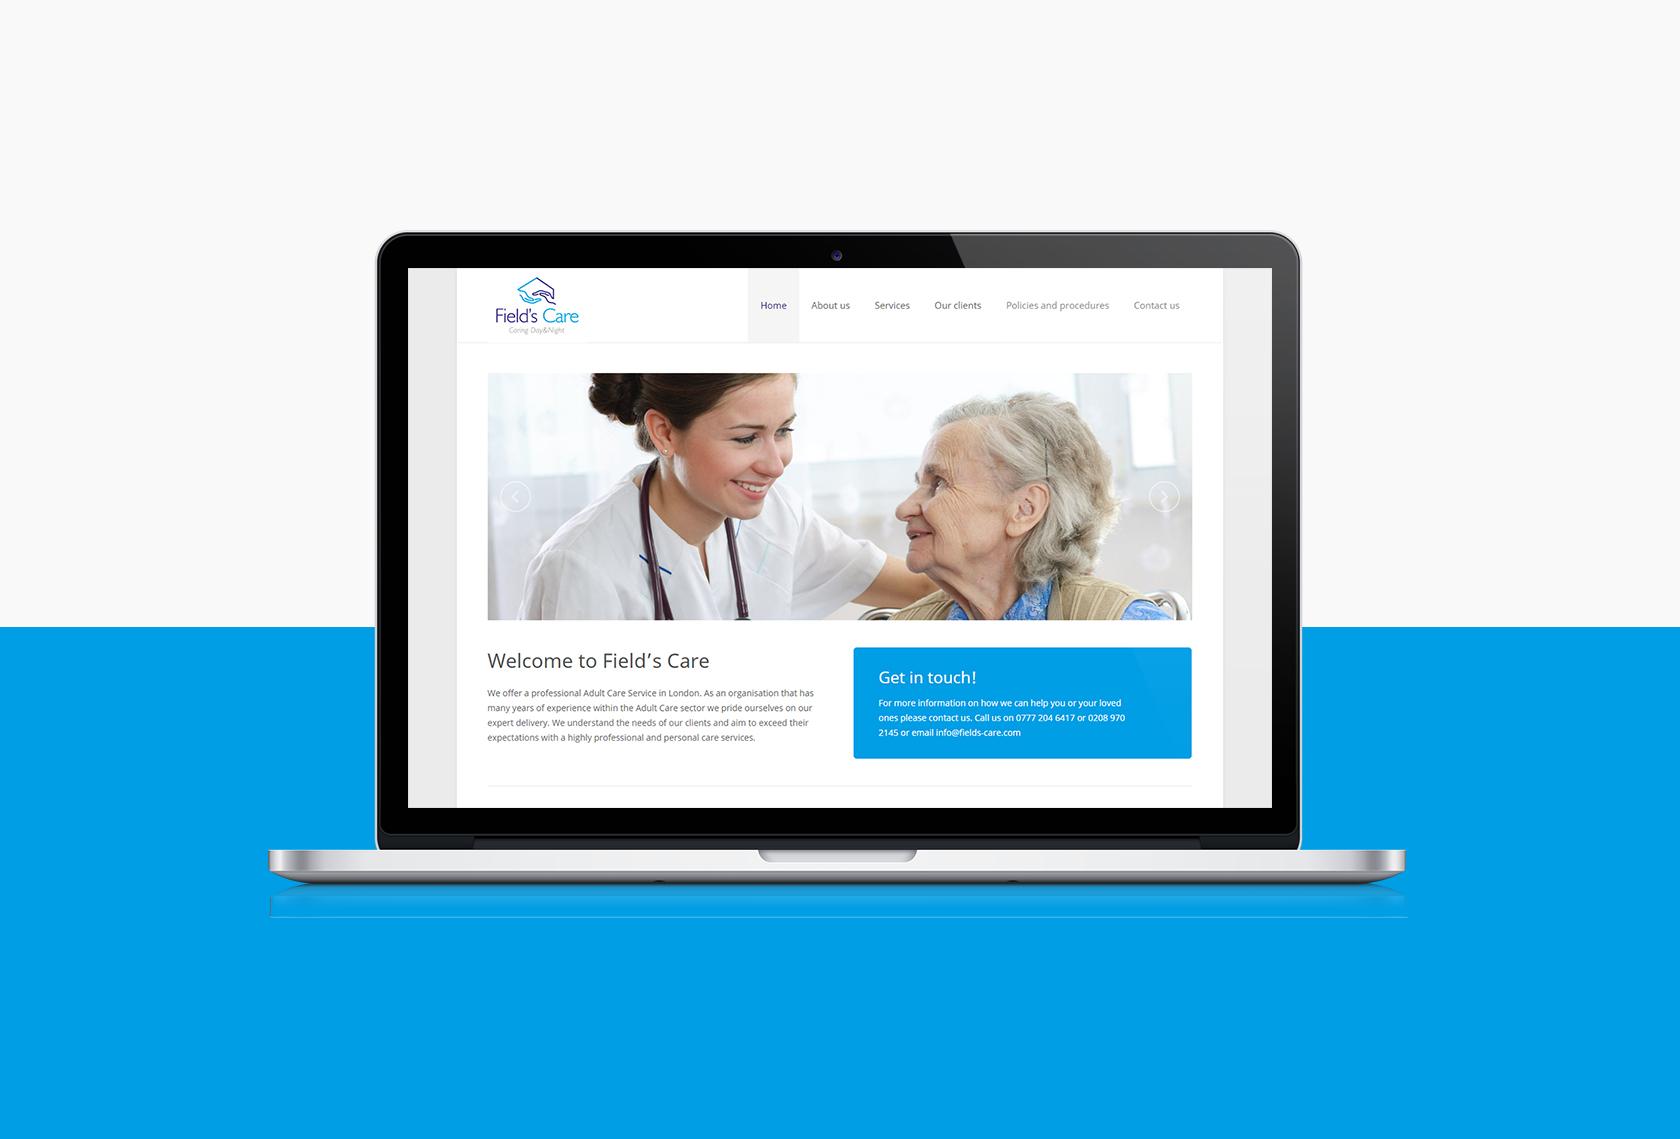 Fields Care Desktop - Fields Care (Website) - Creative Digital